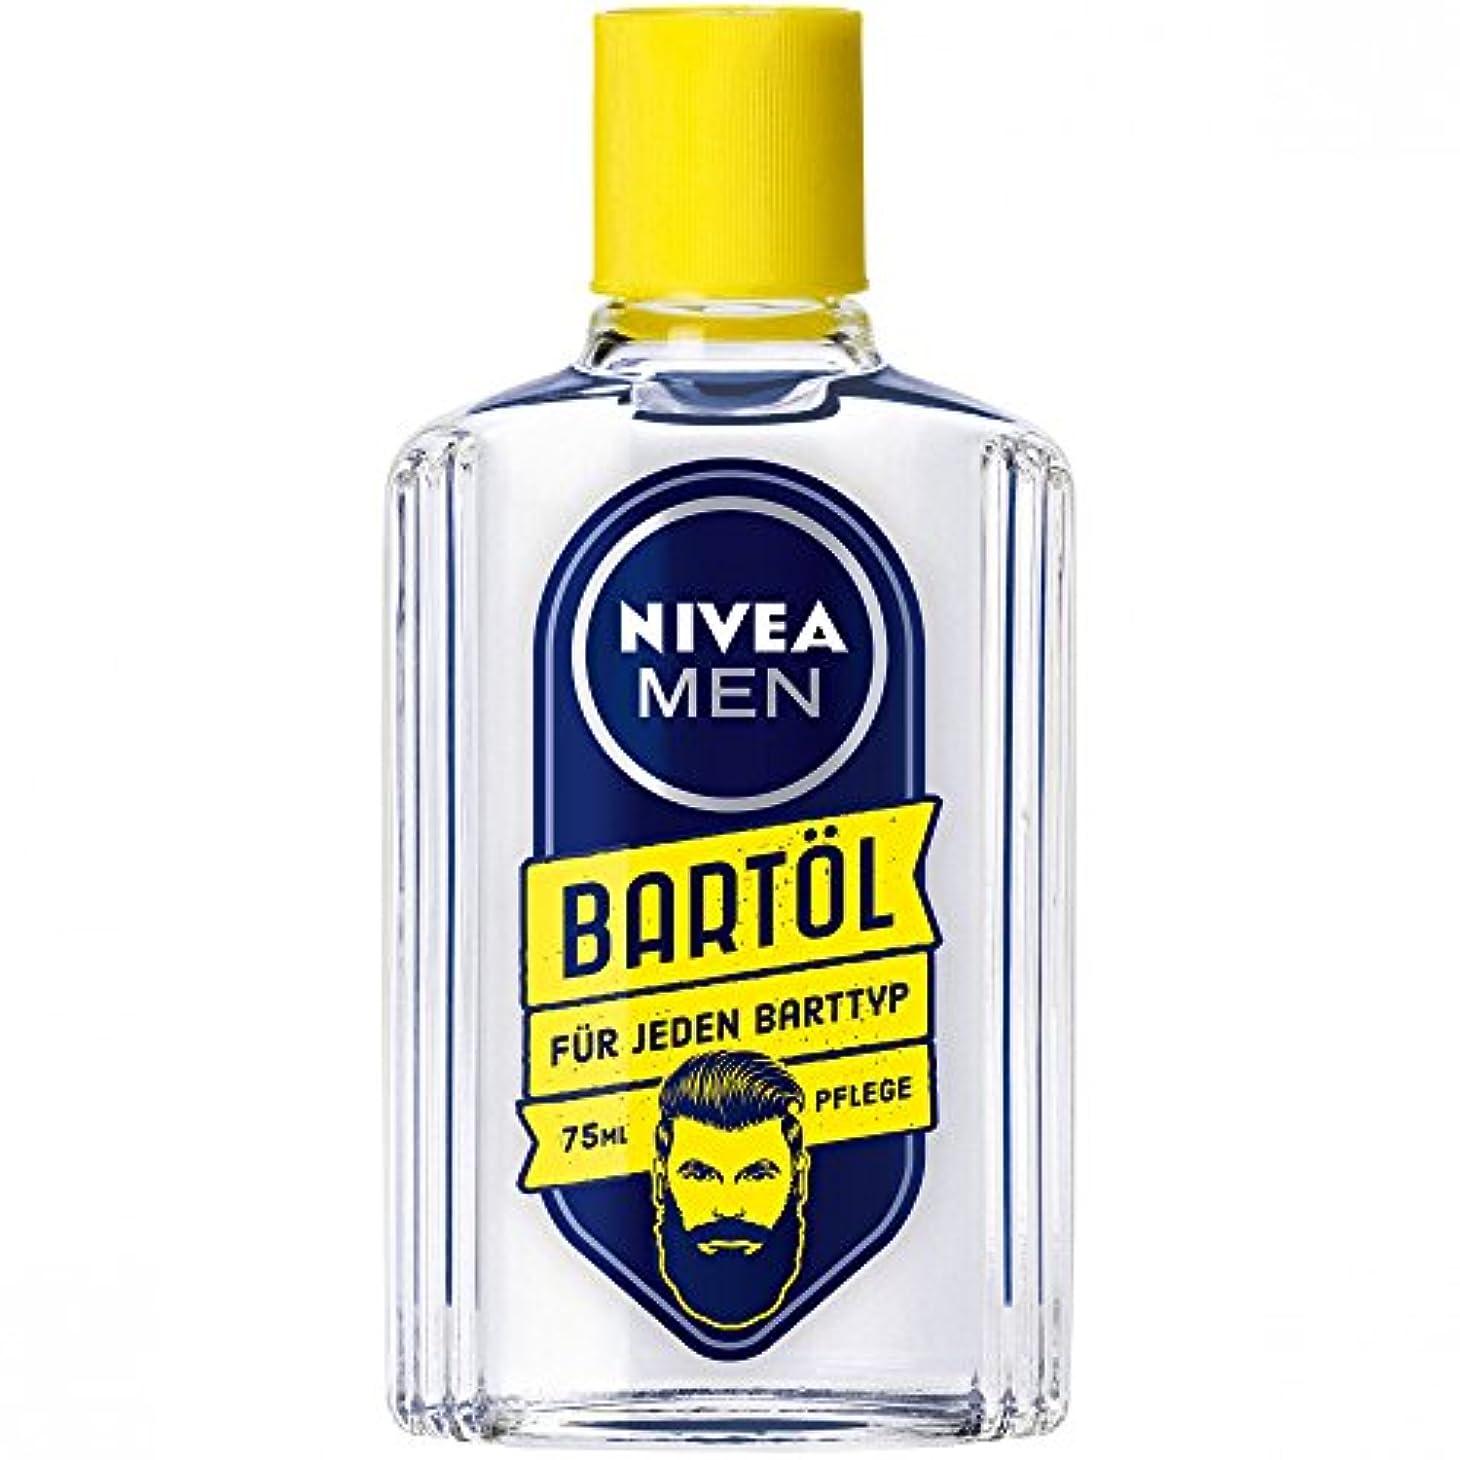 より平らな配置晴れニベアメン Beard Oil ひげの維持のための油 75ml (1) [並行輸入品]